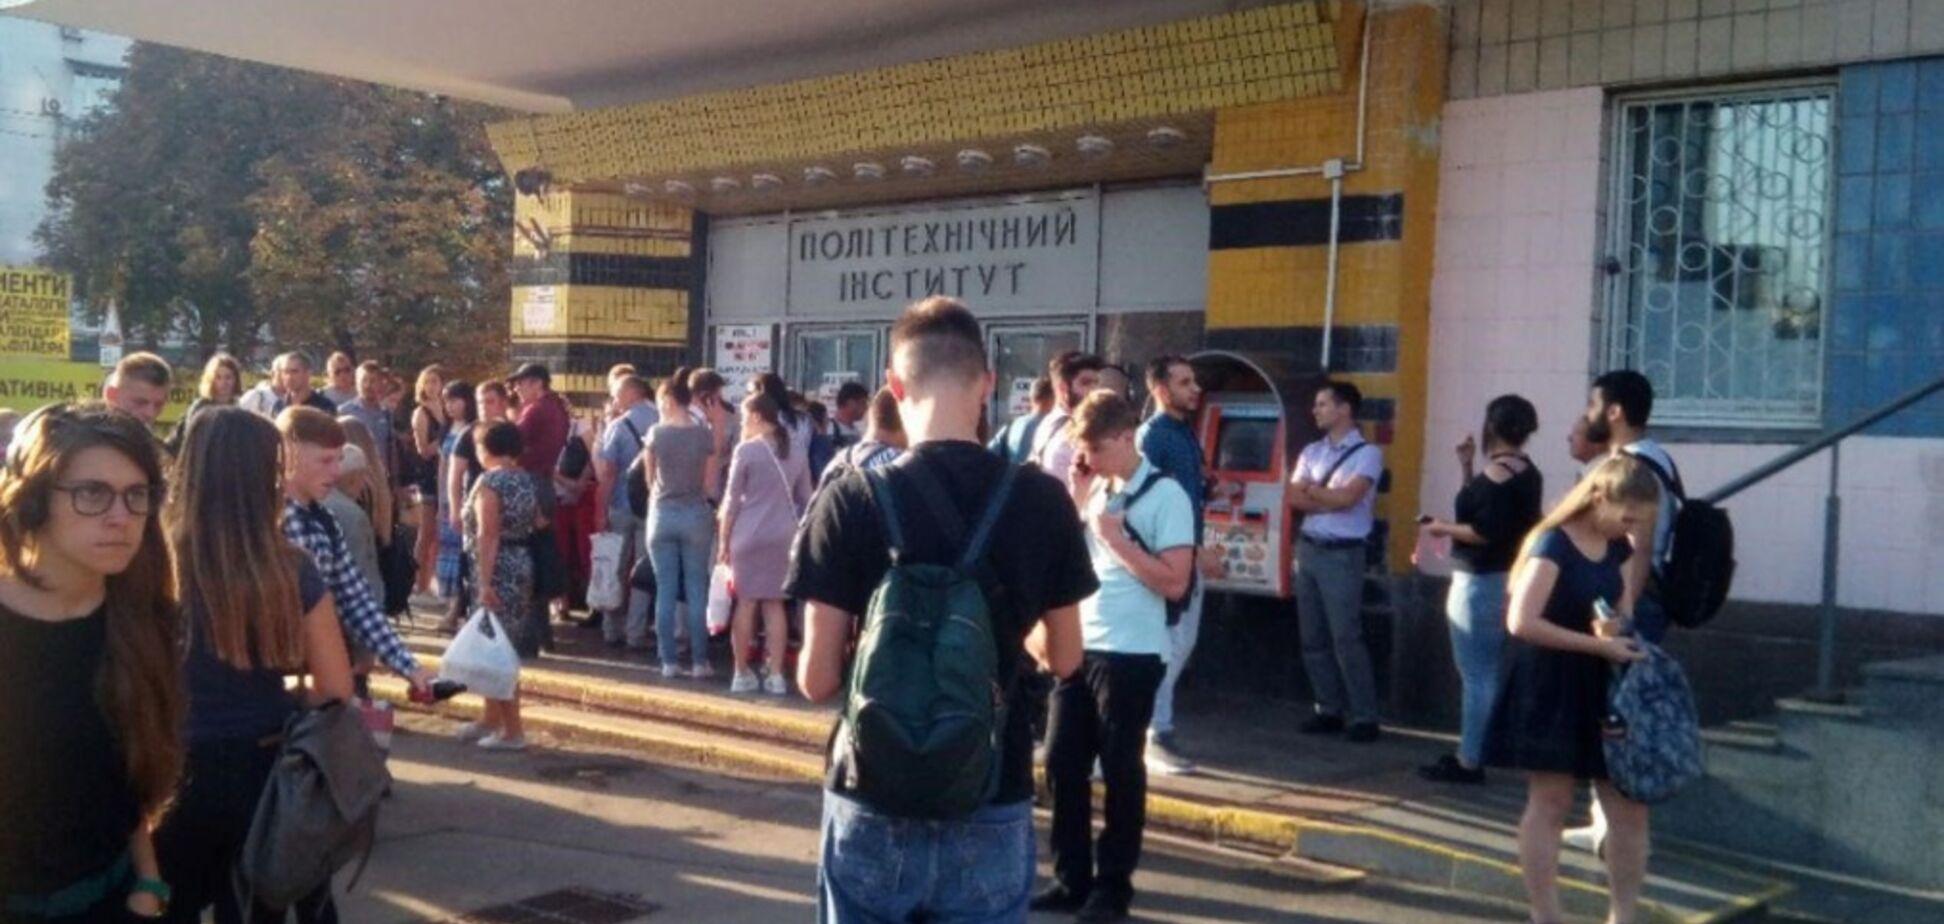 Біля метро Києва вишикувалася величезна черга: з'ясувалися подробиці і причина